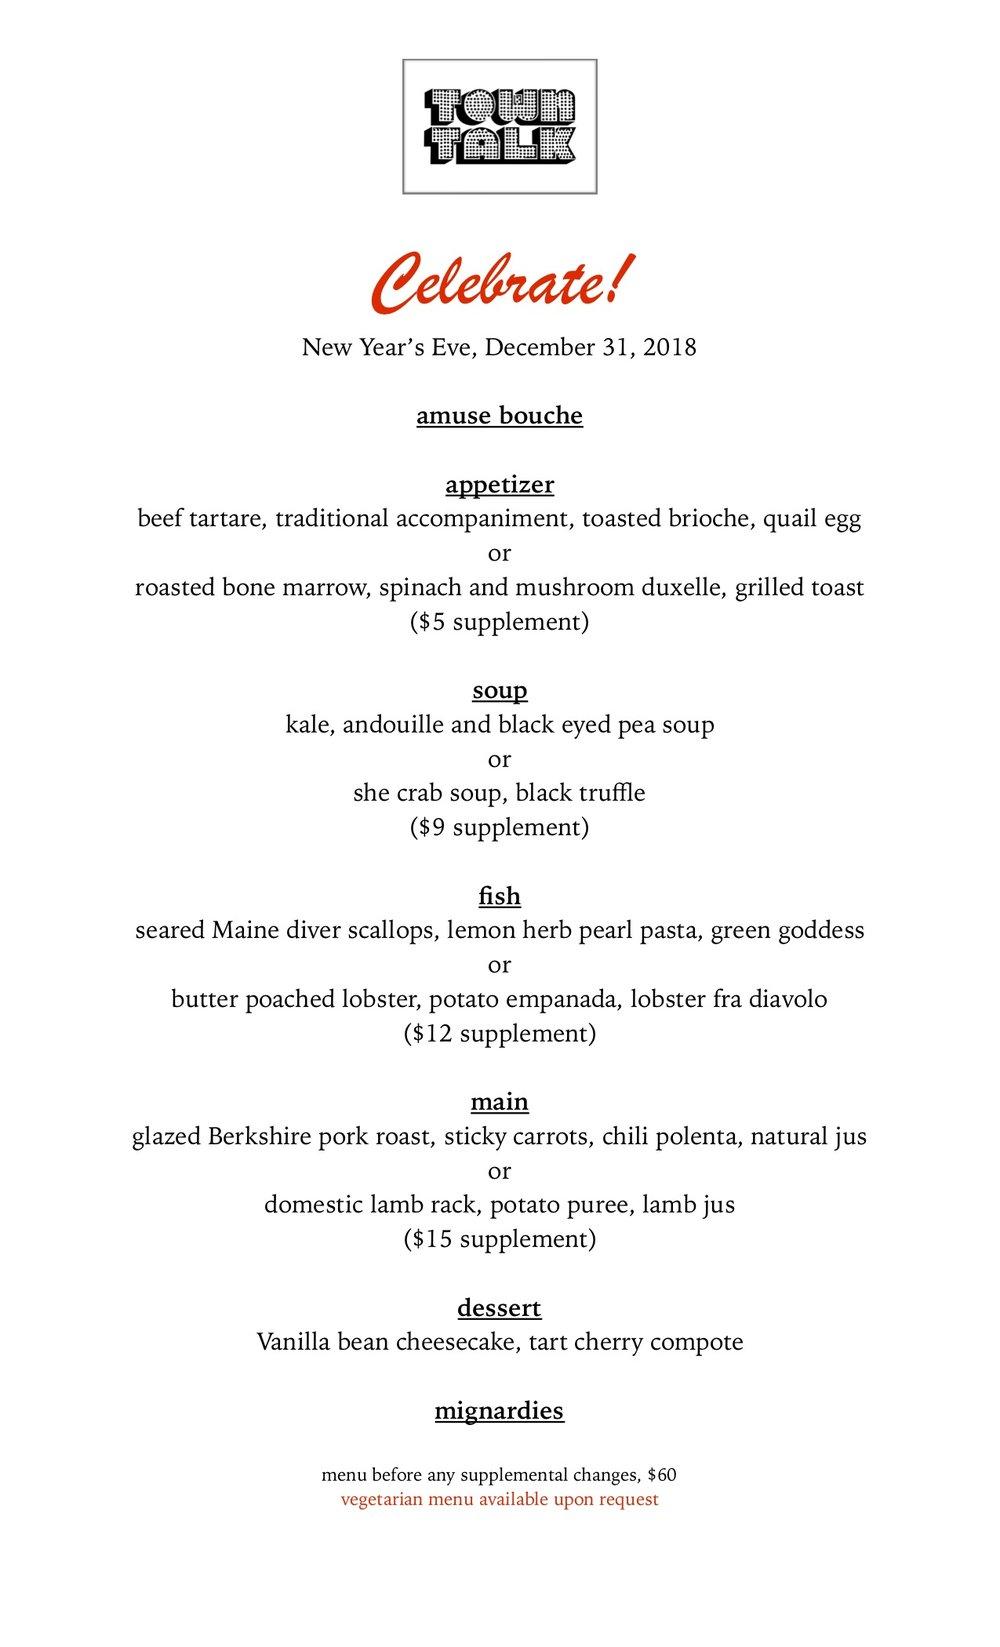 NYE 2018 menu.jpg